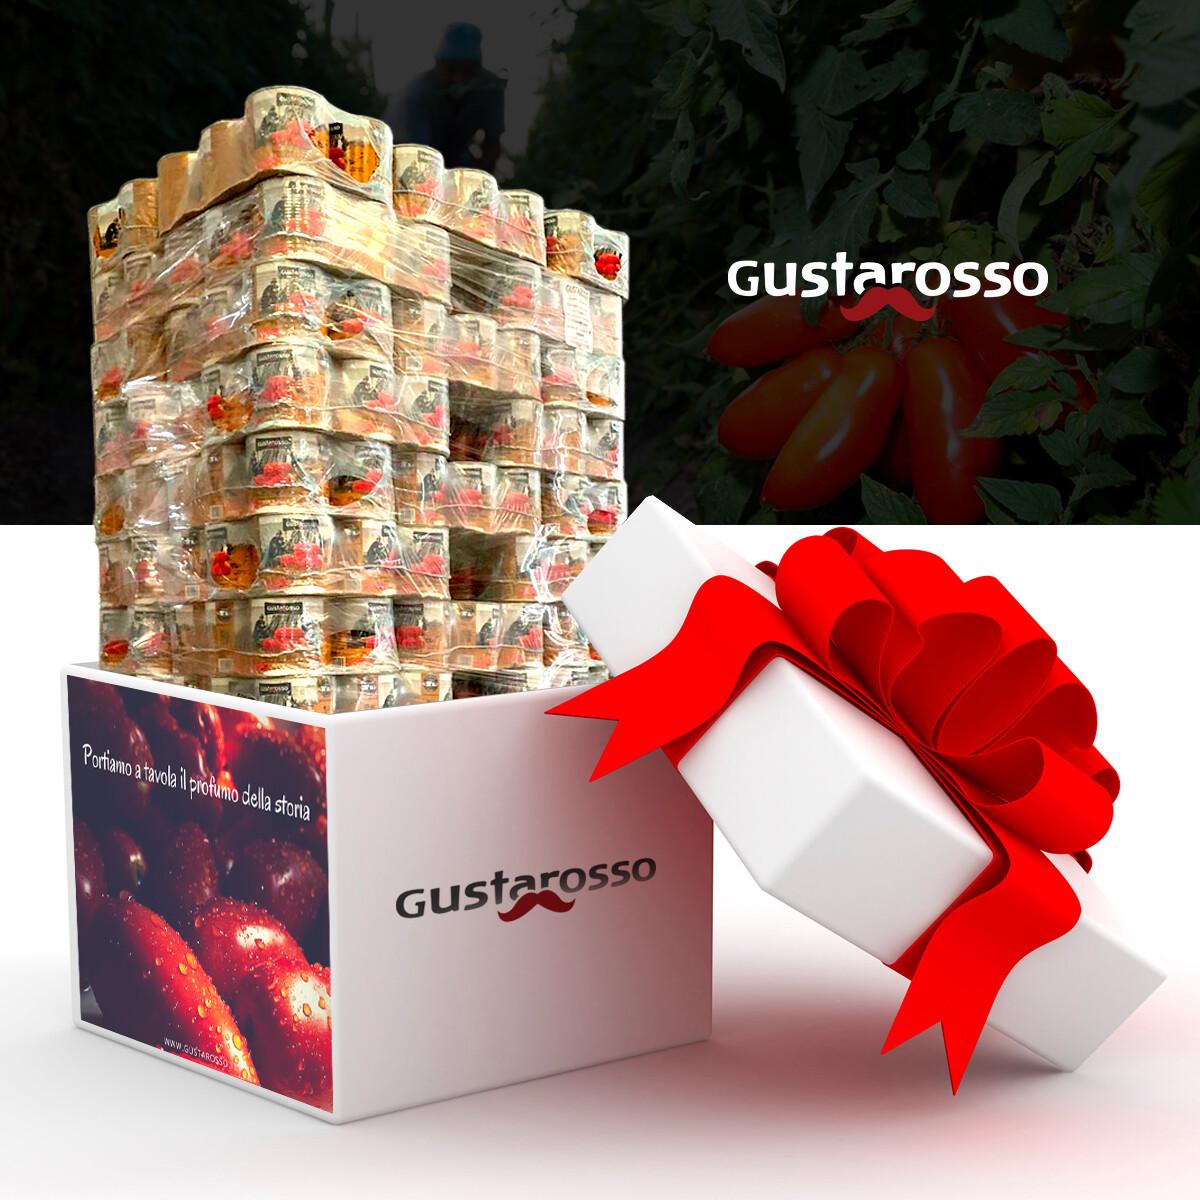 +OFFERTA+ Pomodori Pelati 100% italiani - 1 PALLET COMPLETO SPEDIZIONE INCLUSA